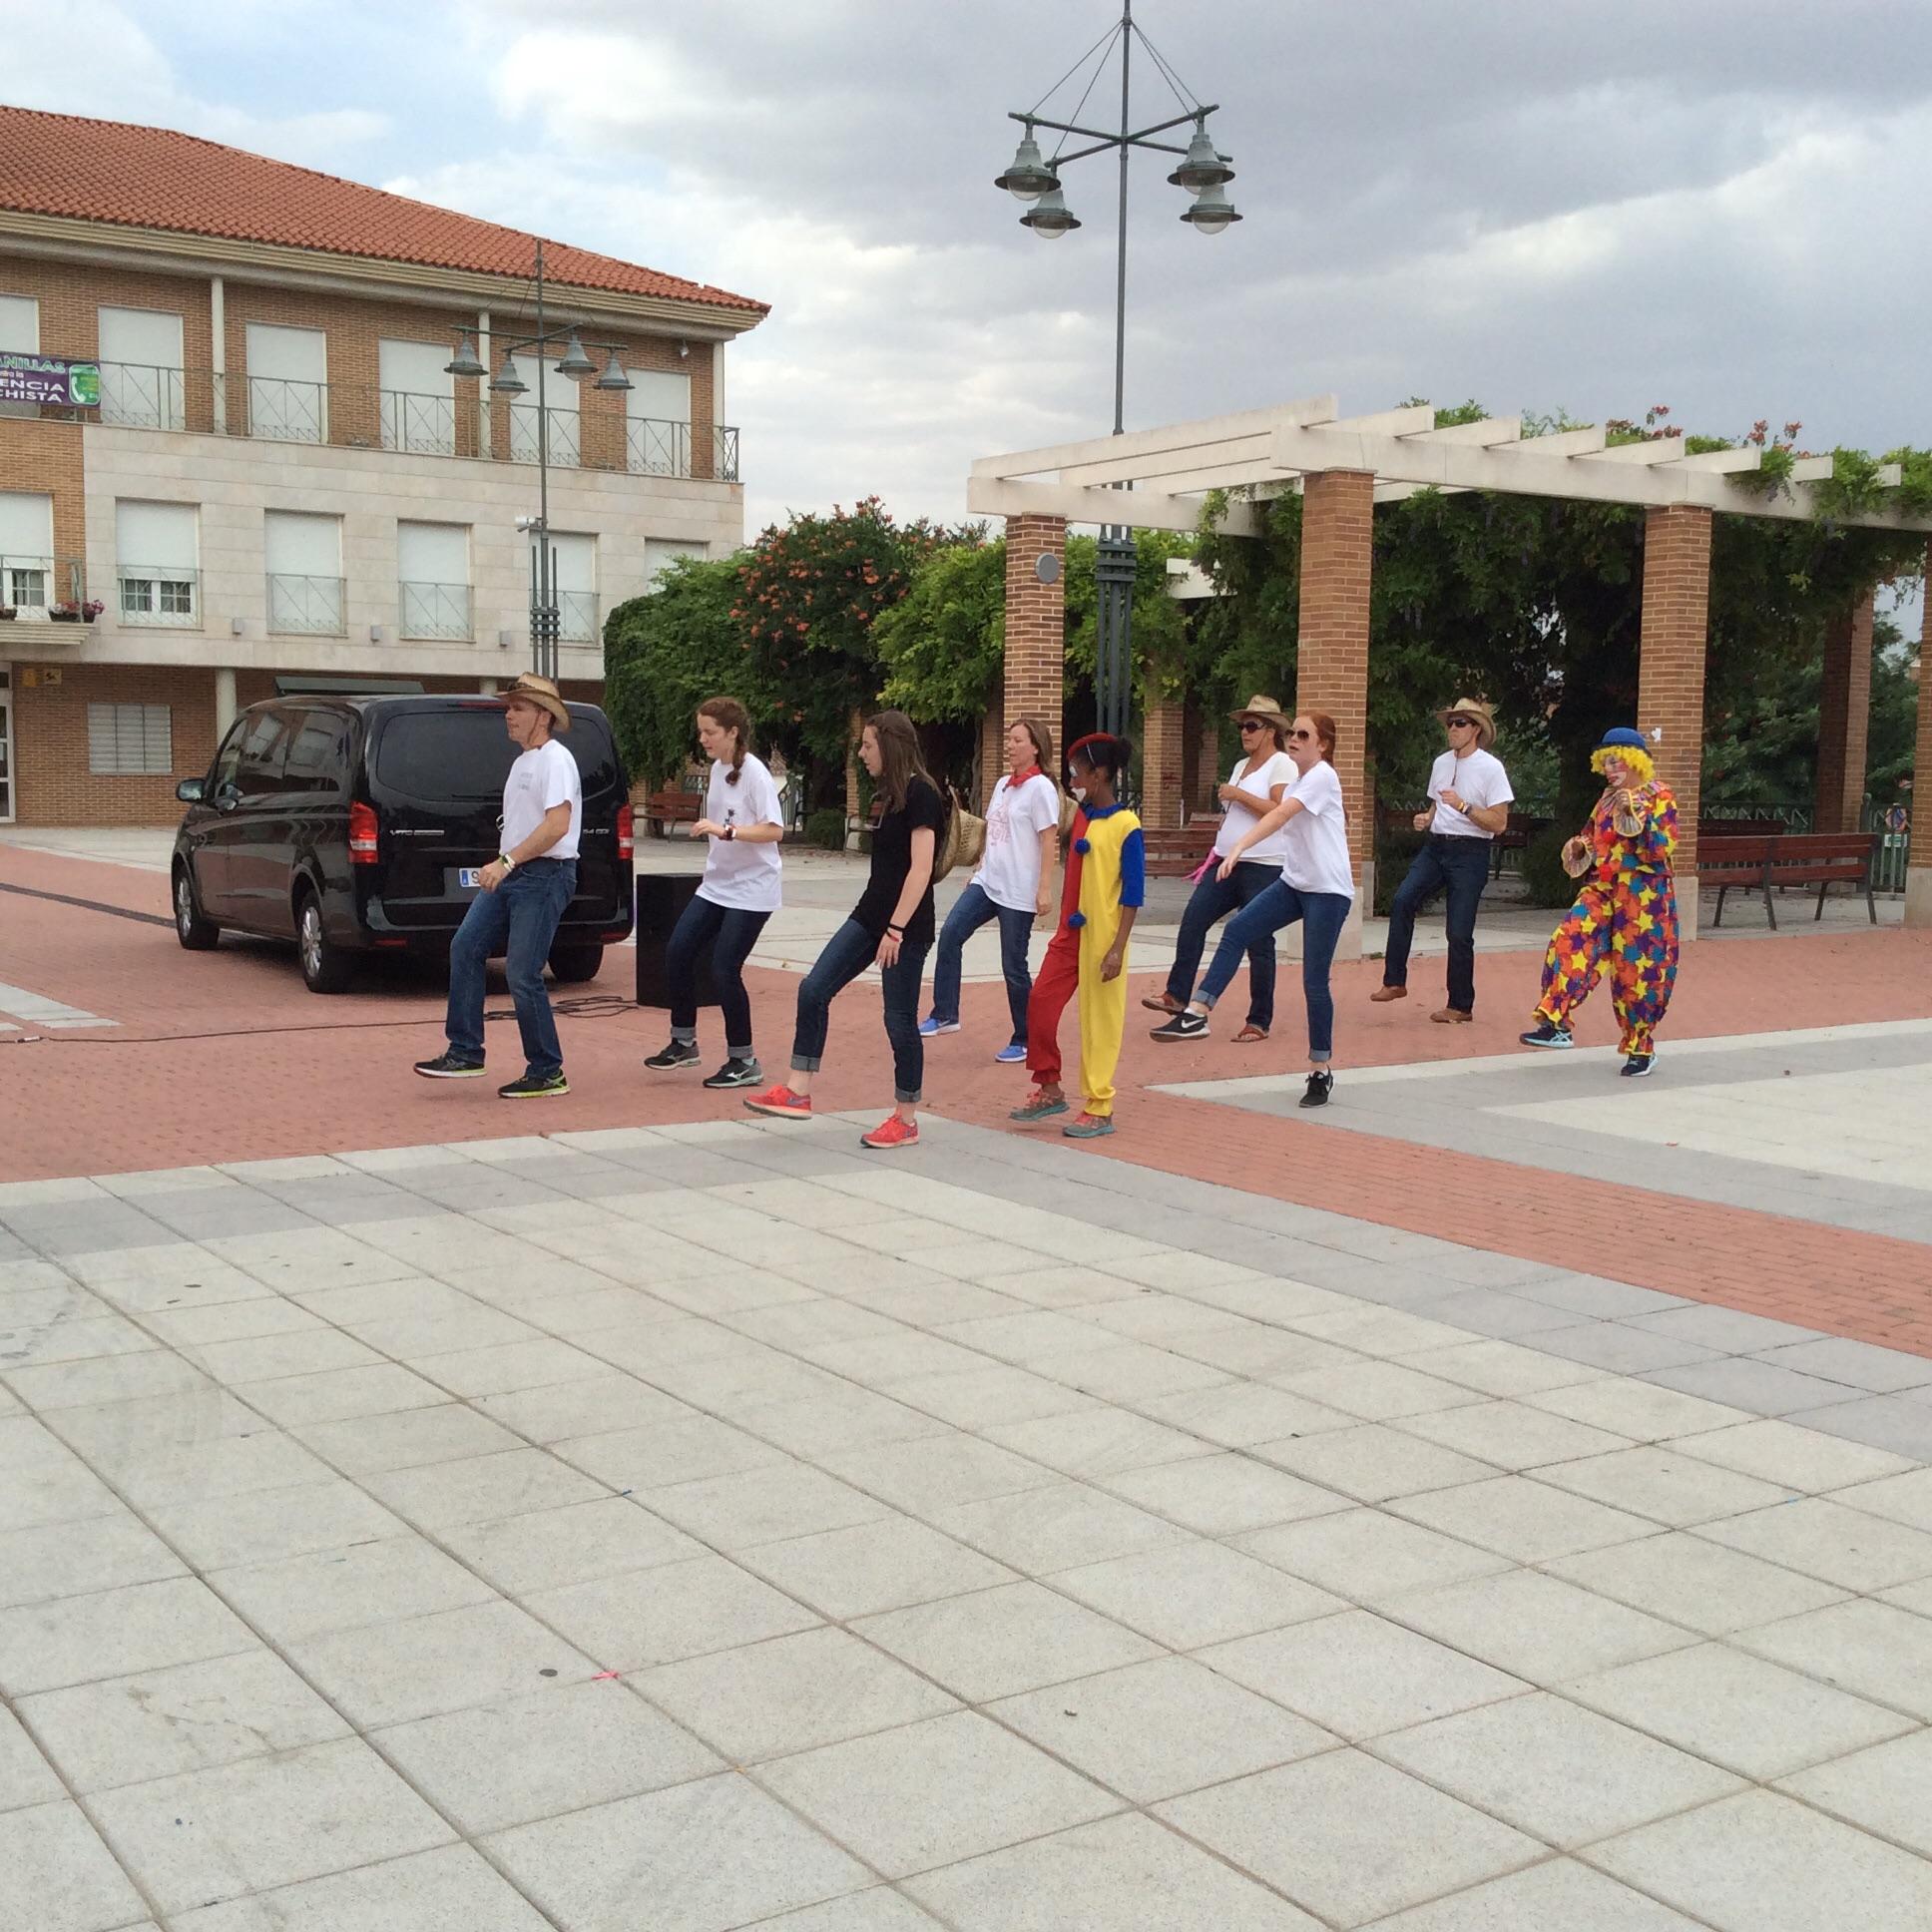 Line dancing extraordinaires.